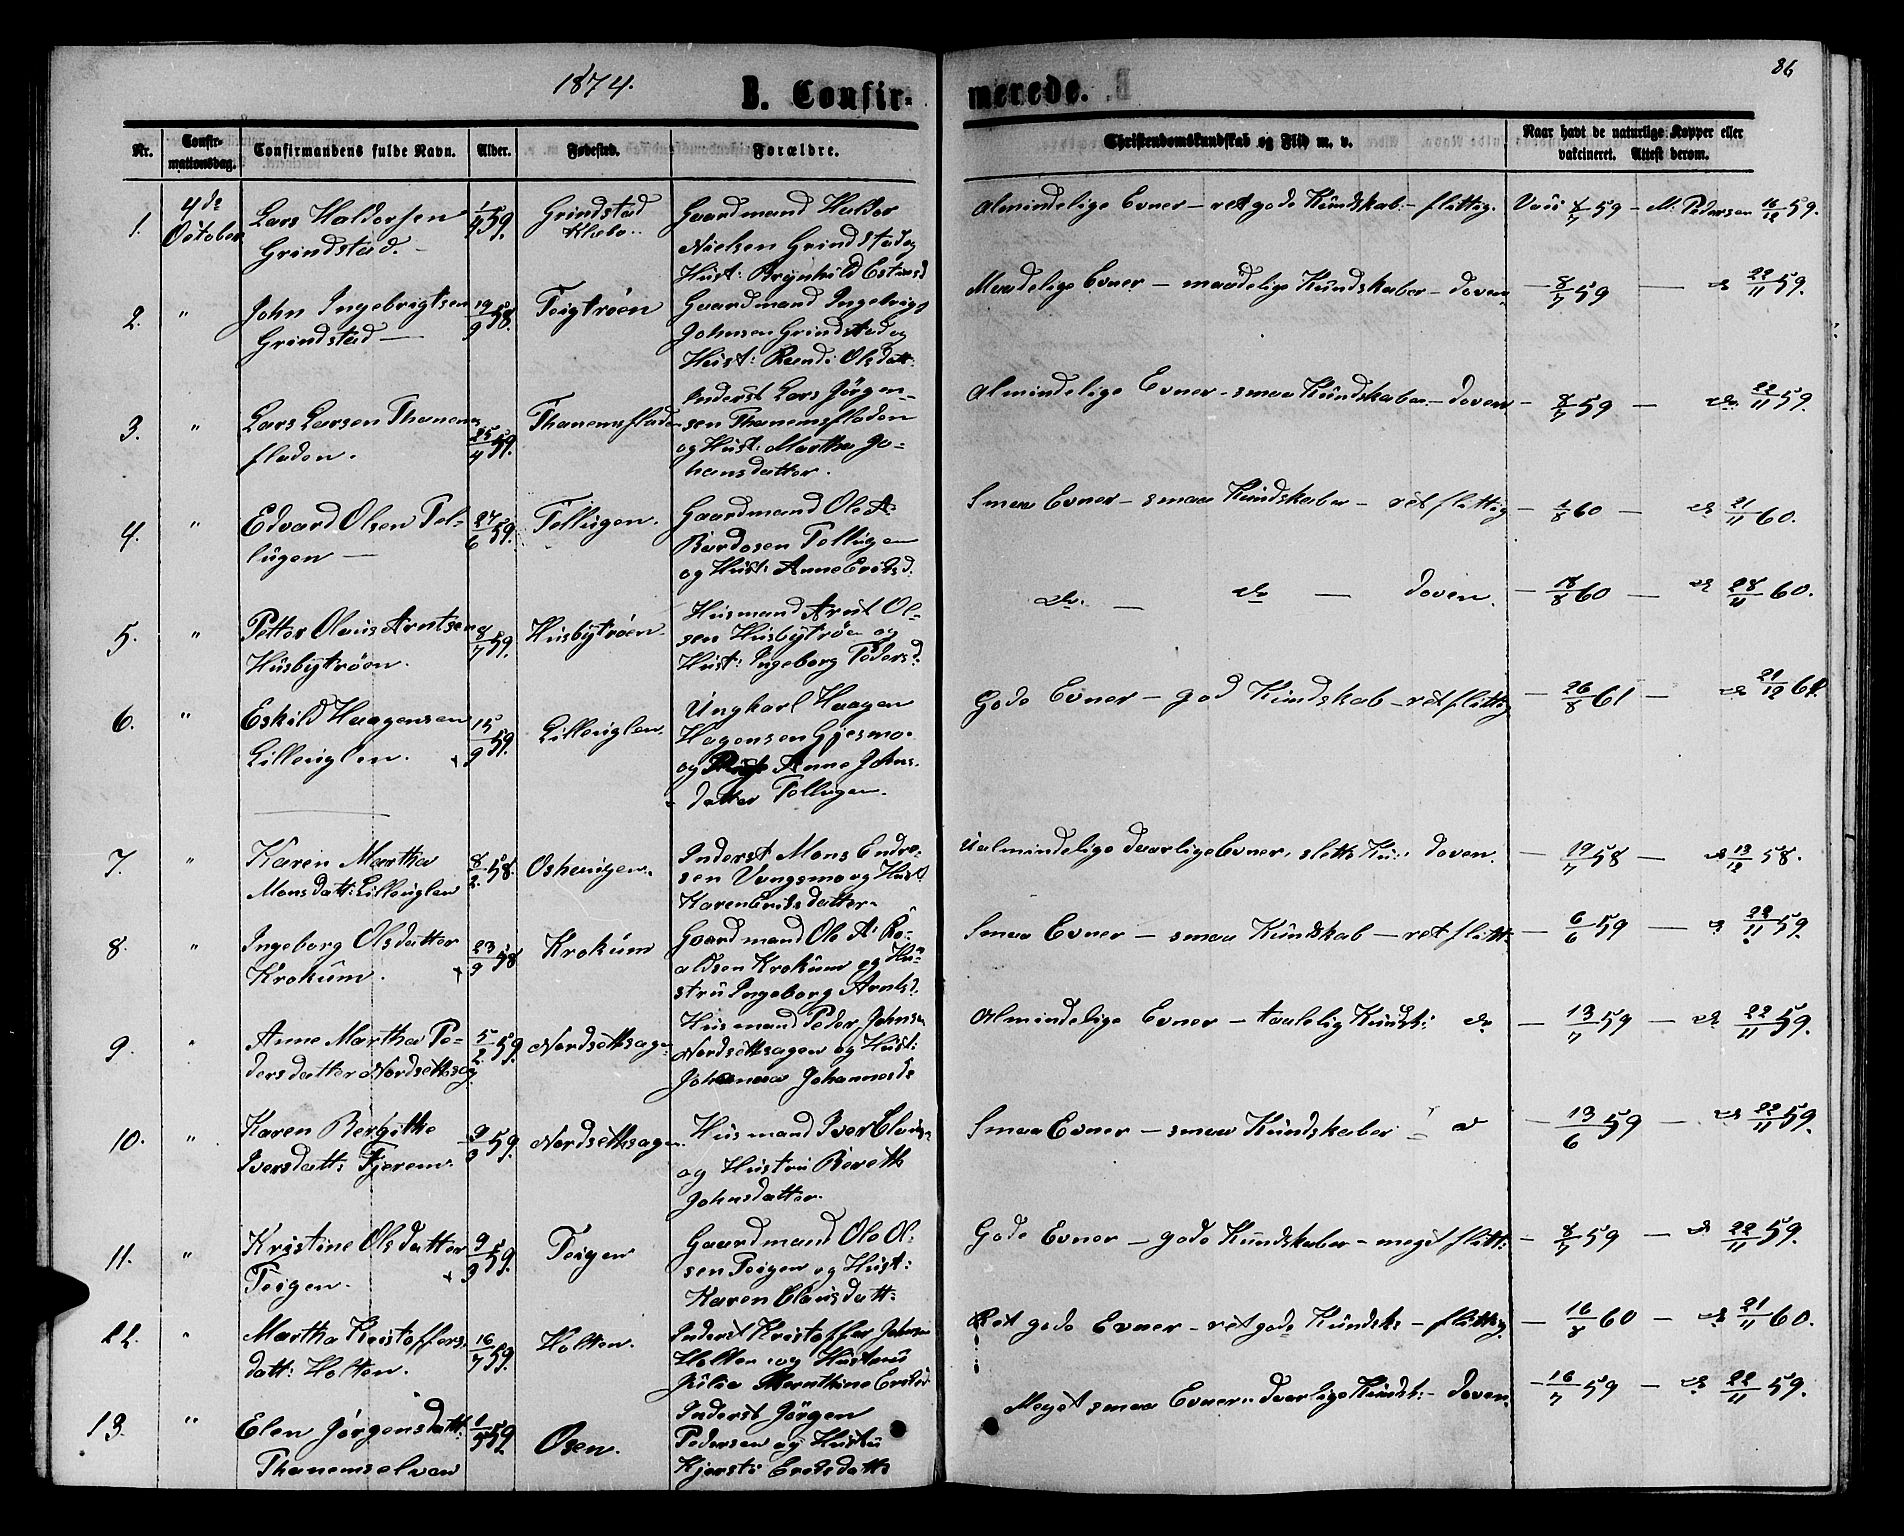 SAT, Ministerialprotokoller, klokkerbøker og fødselsregistre - Sør-Trøndelag, 618/L0451: Klokkerbok nr. 618C02, 1865-1883, s. 86